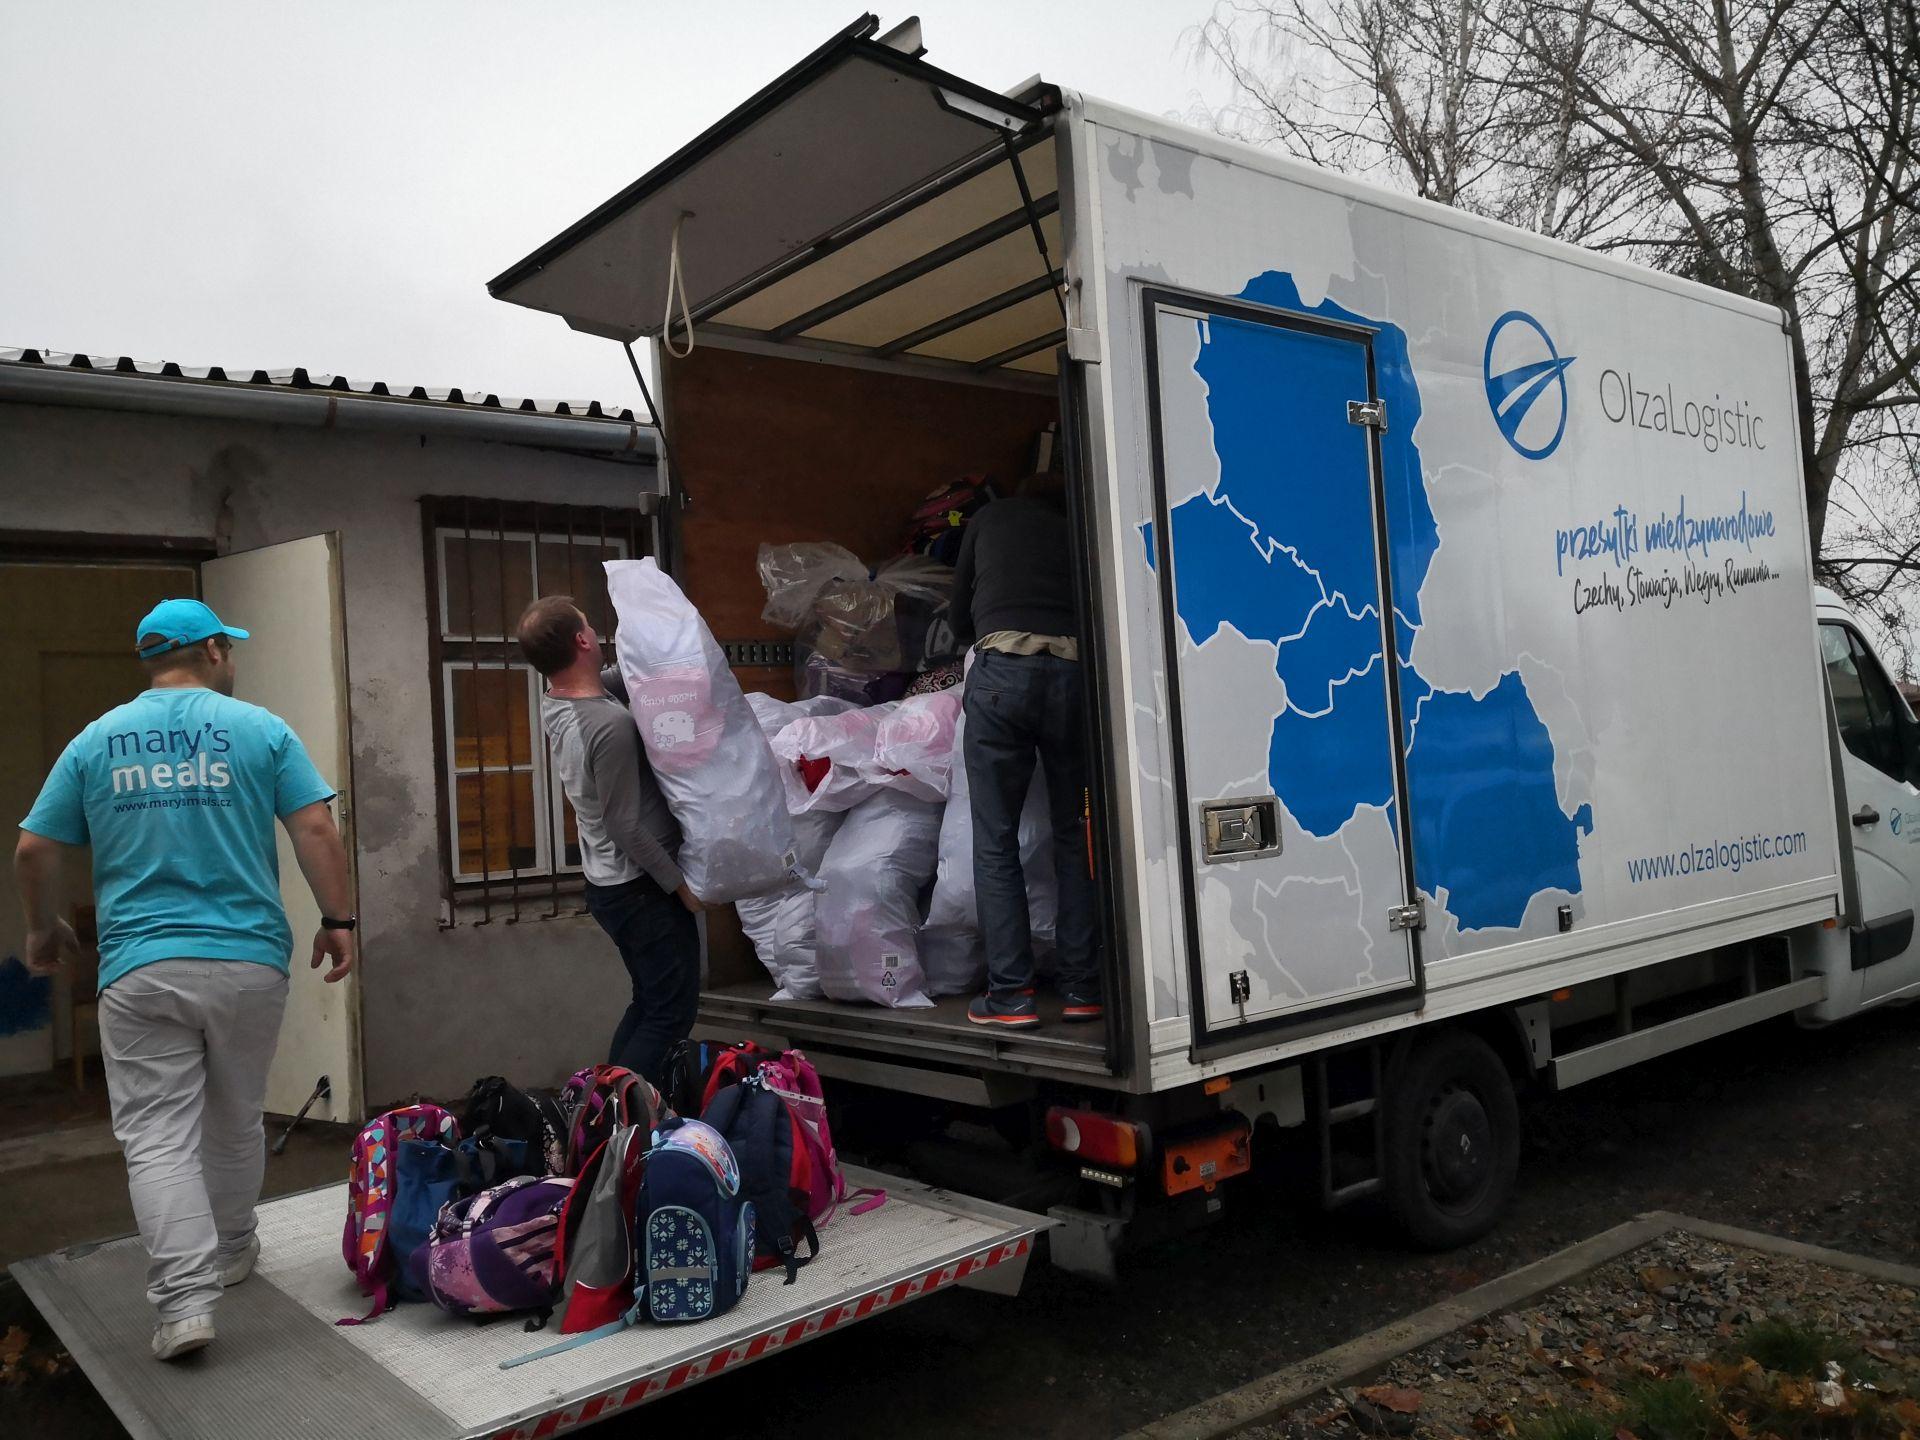 1000 plecaków dostarczonych - Olza wspiera Mary's Meals